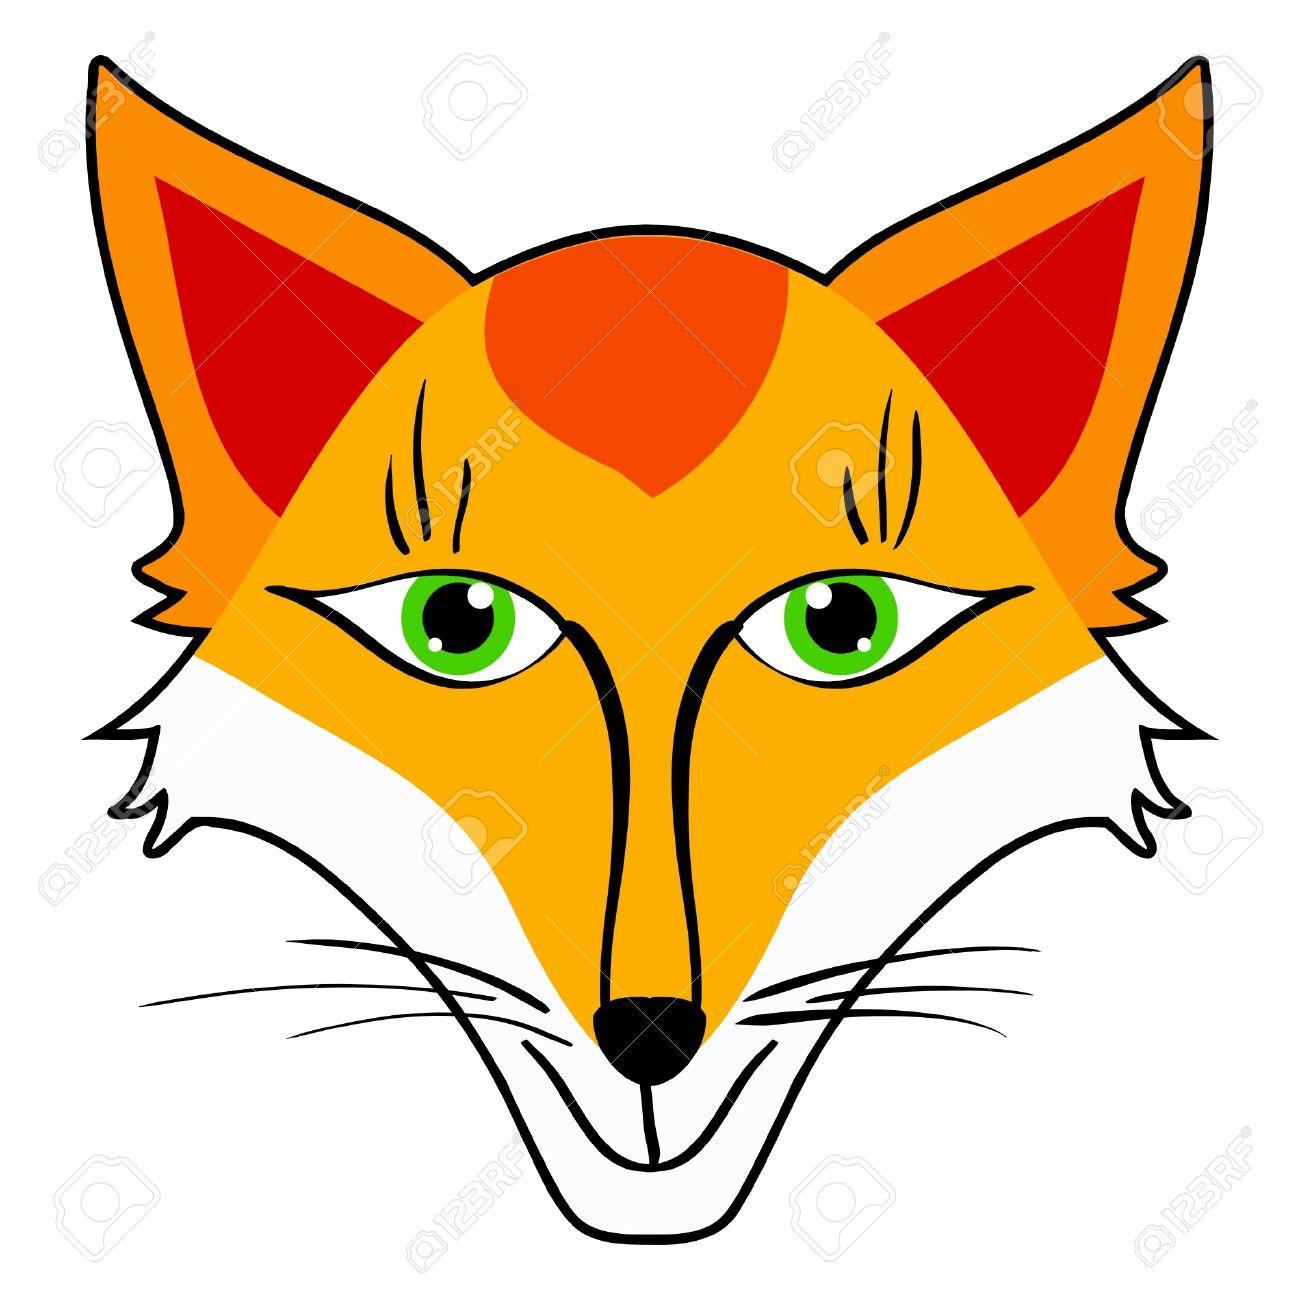 Cartoon vector illustration of  Fox Head Illustration